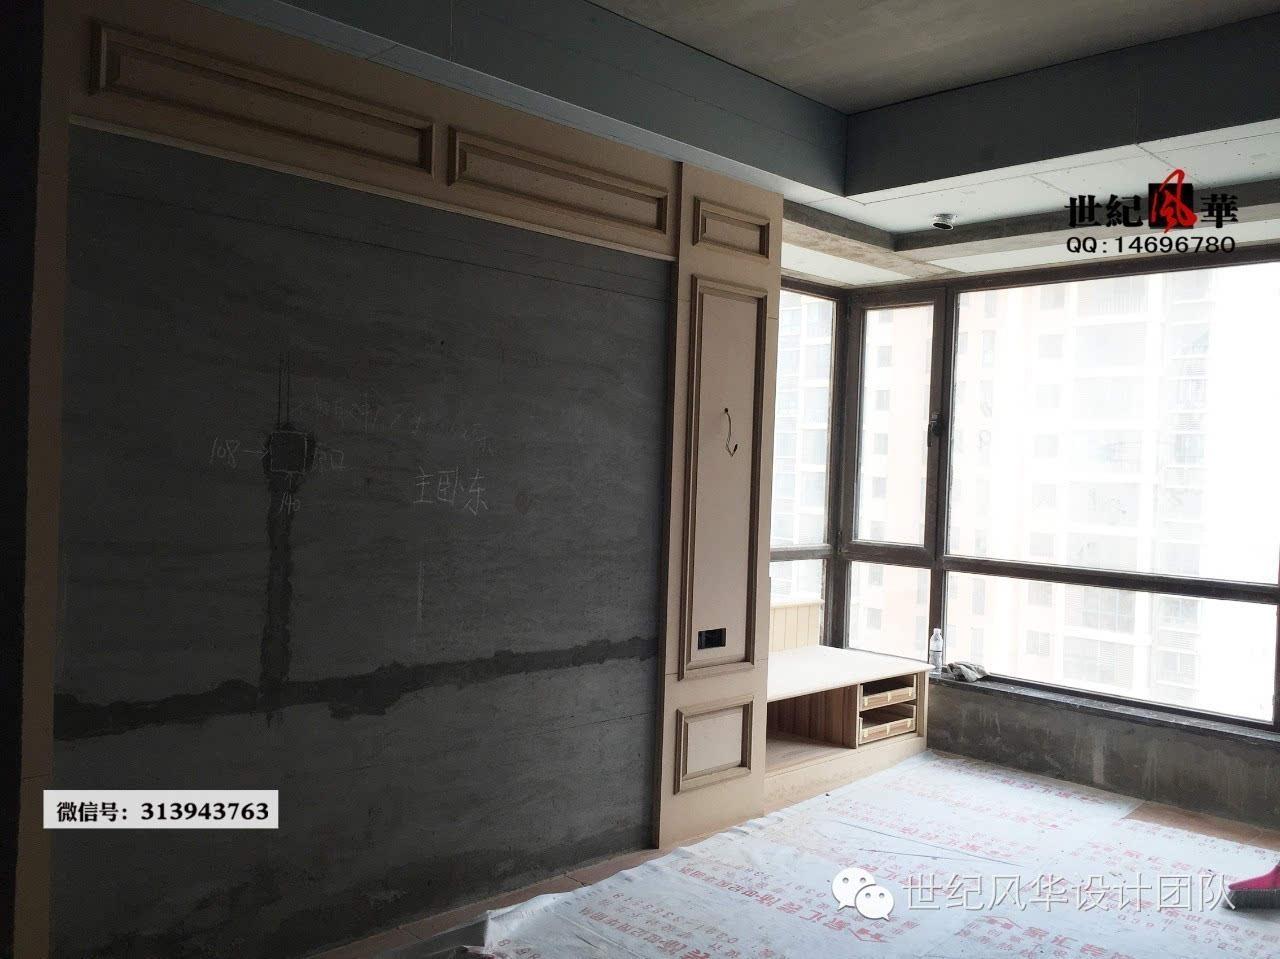 木工做吧台内部结构图